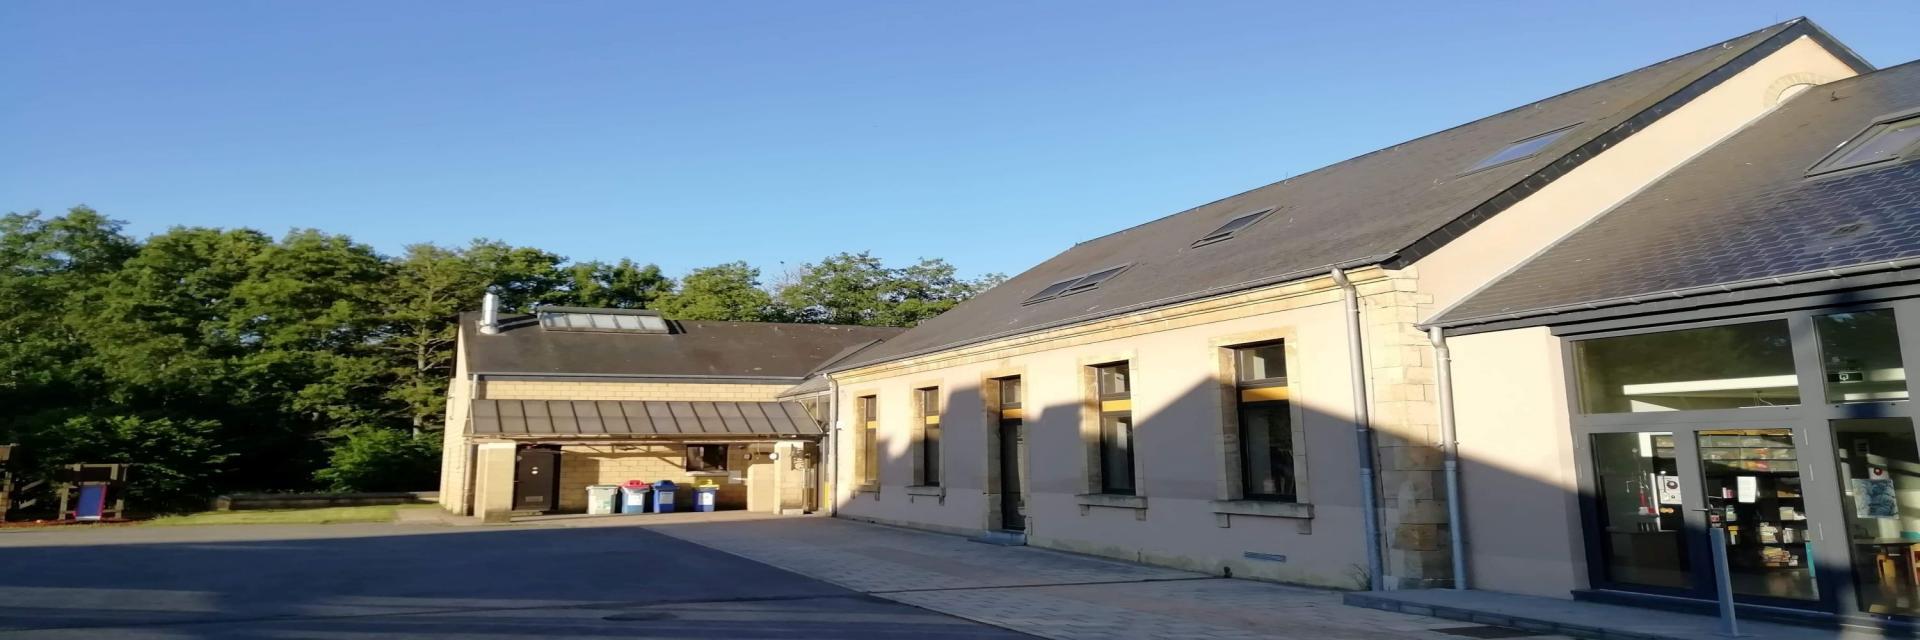 École Villers-devant-Orval